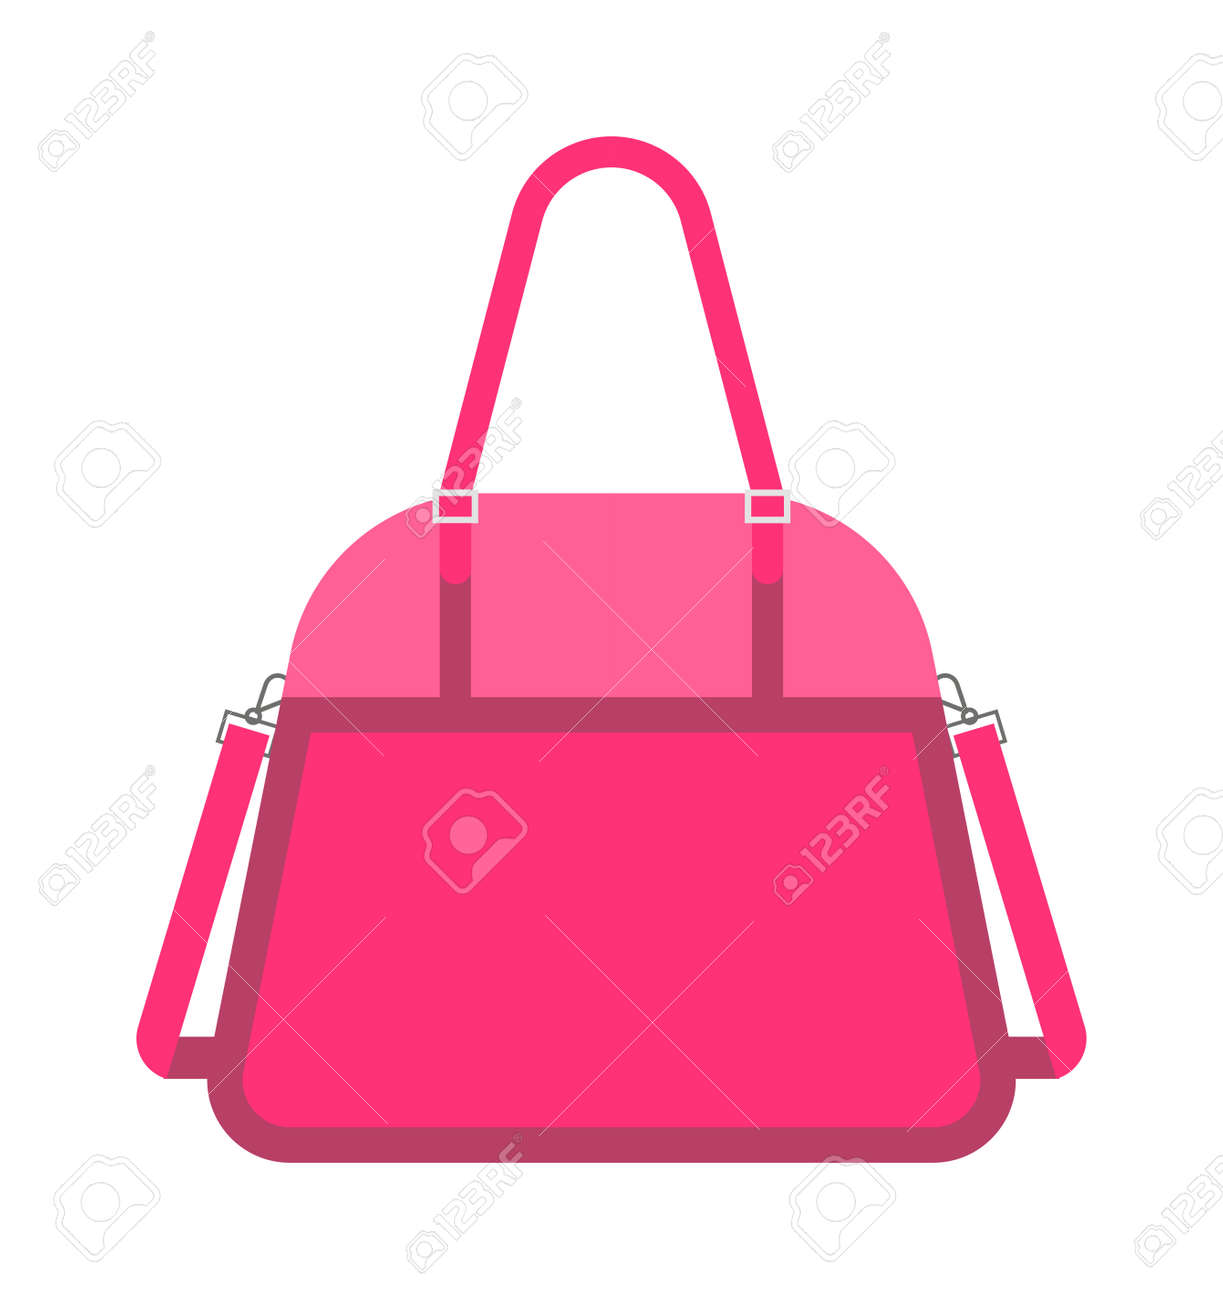 pas cher pour réduction caractéristiques exceptionnelles couleur n brillante Vecteur de sac à main femme fashion rose. Glamour accessoire sac à main  pochette rose et élégance moderne rose embrayage. Style d'embrayage rose ...